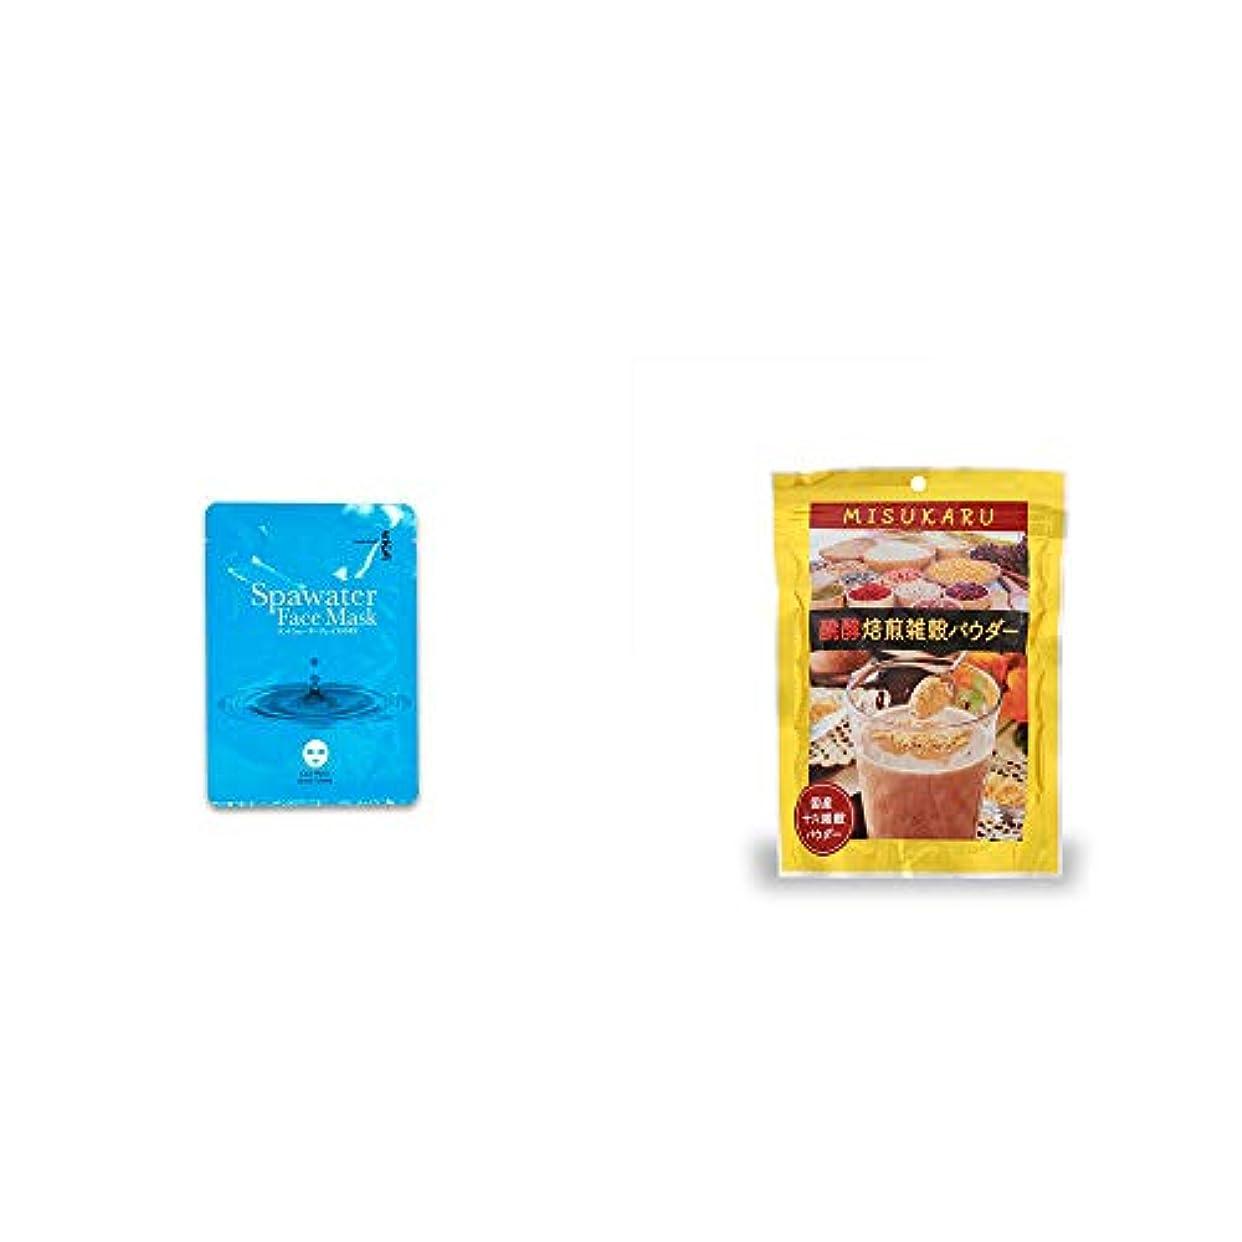 キャッチファイナンススキル[2点セット] ひのき炭黒泉 スパウォーターフェイスマスク(18ml×3枚入)?醗酵焙煎雑穀パウダー MISUKARU(ミスカル)(200g)